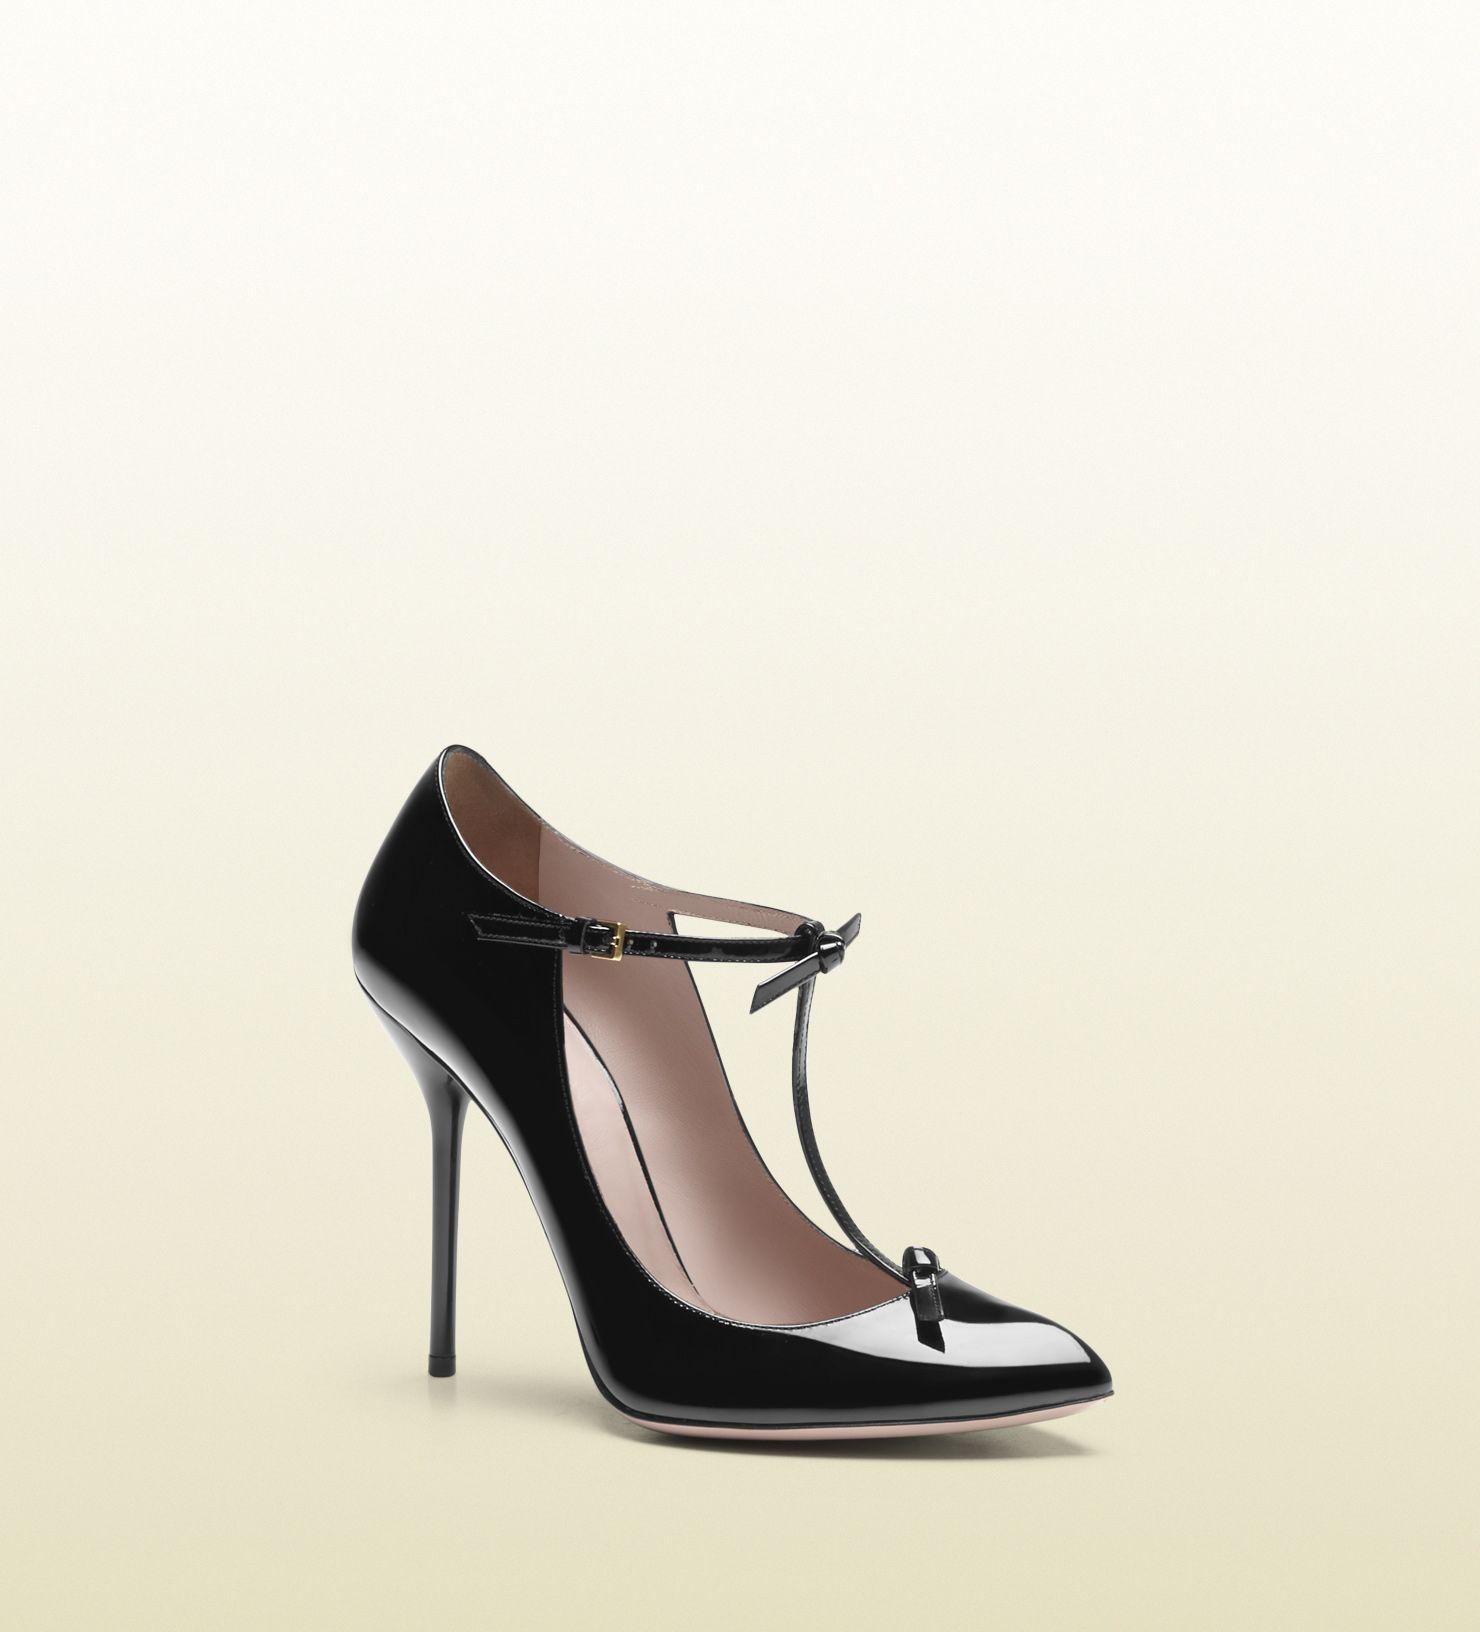 Gucci Pompes À Bride En T - Noir 114mna5B